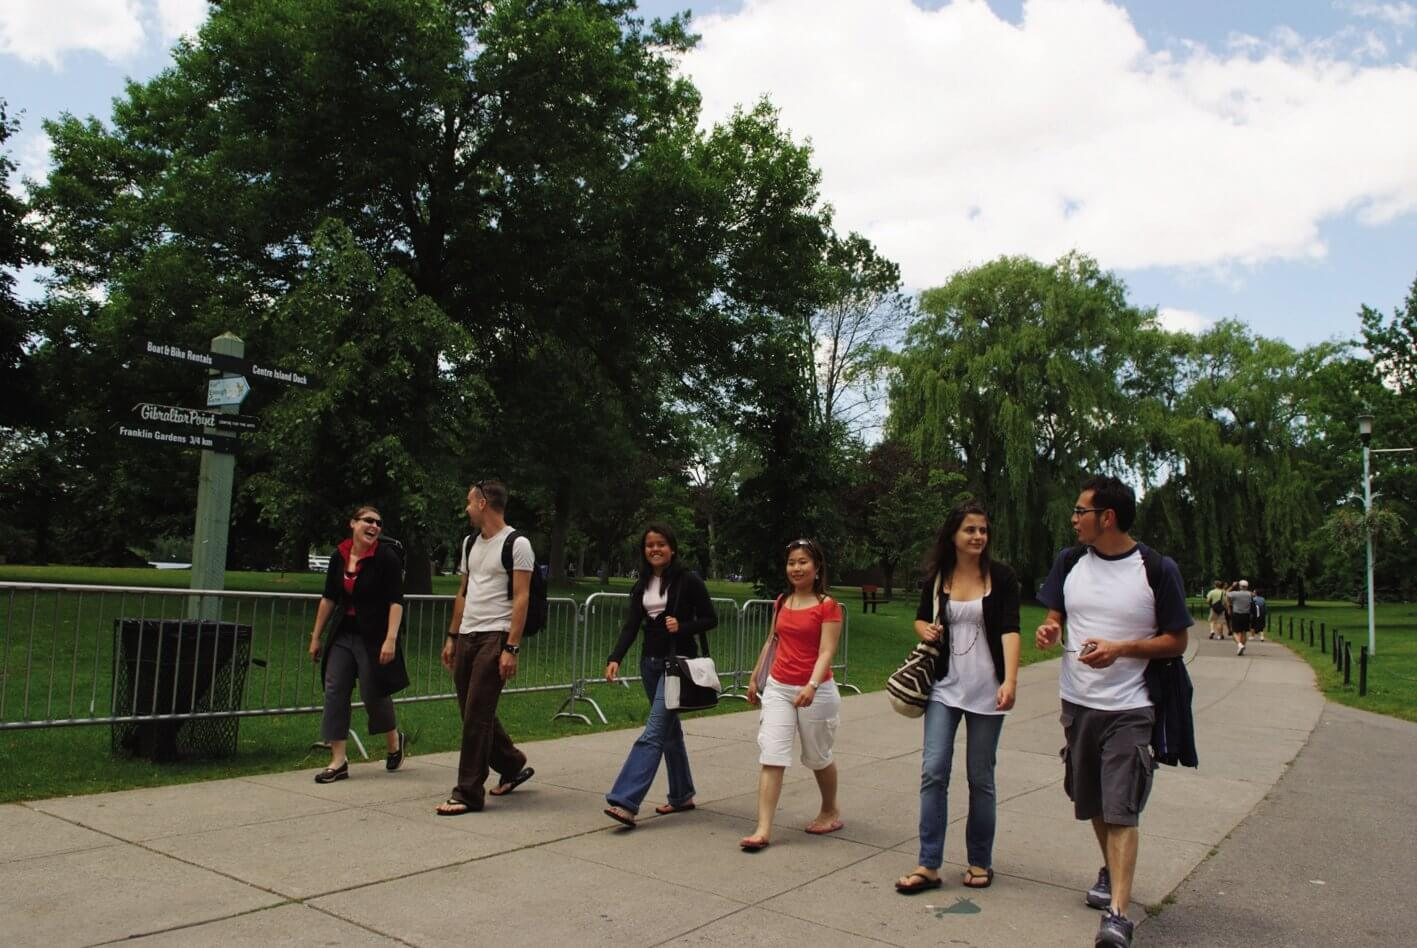 Hacer nuevas amistades - Estudiar en Toronto y encontrar nuevos amigos